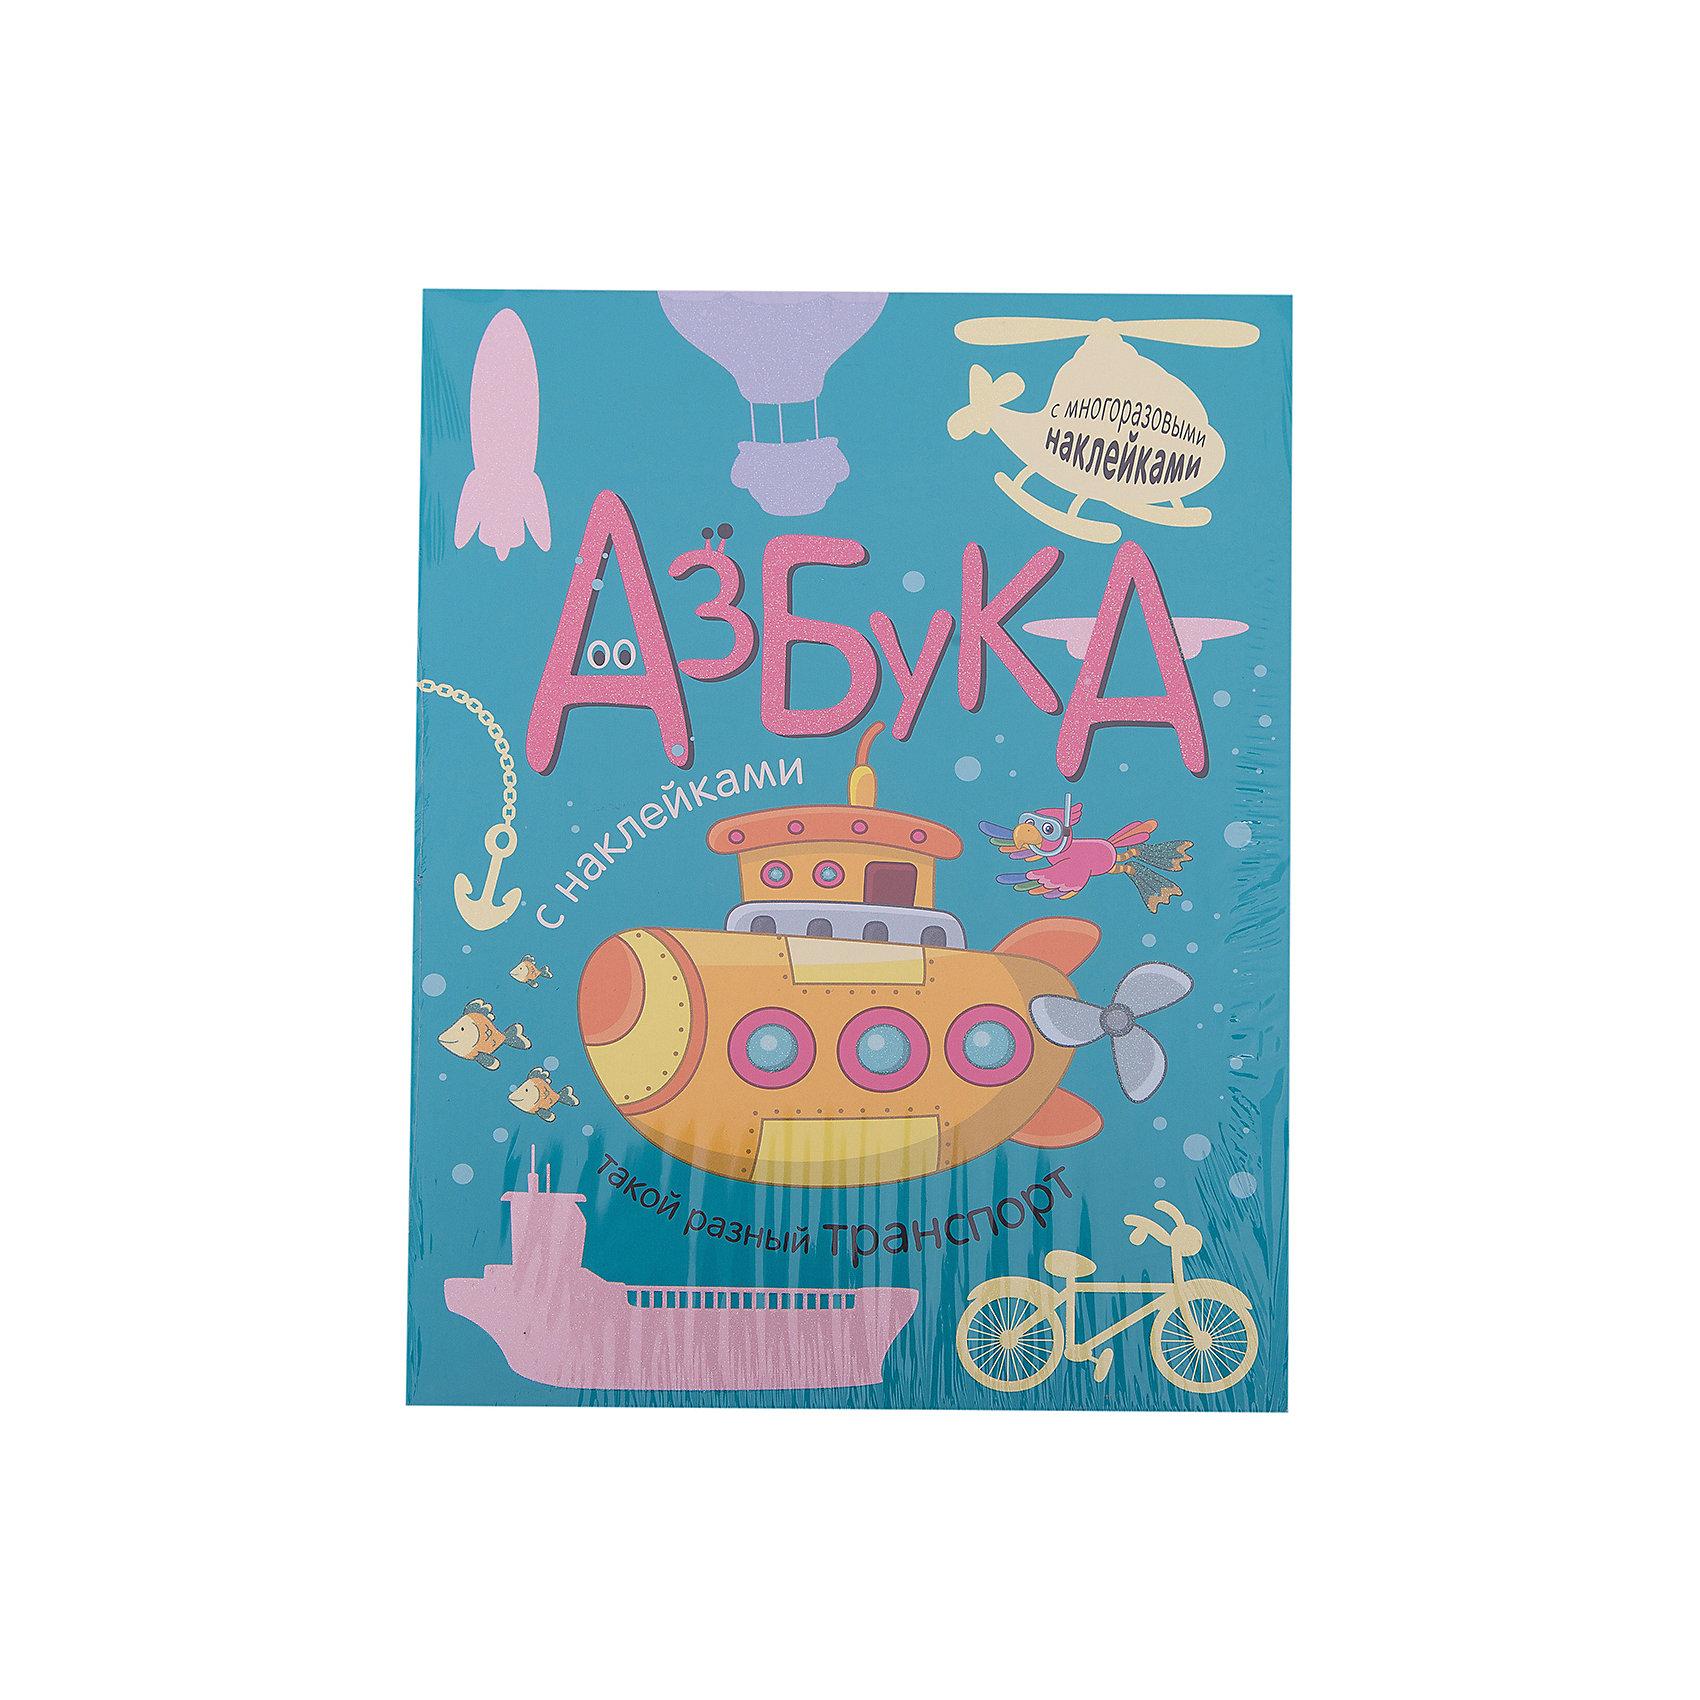 Азбука с наклейками Такой разный транспорт, Мозаика-СинтезТворчество для малышей<br>Азбука с наклейками Такой разный транспорт, Мозаика-Синтез<br><br>Характеристики:<br><br>• Издательство: МОЗАИКА-СИНТЕЗ<br>• ISBN: 978-5-43150-972-8<br>• Тип: книга с многоразовыми наклейками.<br>• Раздел знаний: ознакомление с окружающим миром.<br>• Возраст: 3-5 лет.<br>• Размер книги: 290х215х40мм.<br>• Количество страниц: 32.<br><br>С замечательной азбукой «Такой разный транспорт» Ваш ребенок не только выучит алфавит, но и познакомится с различными видами транспорта. Запомнить все буквы ему помогут яркие иллюстрации, веселые стихотворения и увлекательные задания с наклейками. Каждой букве посвящена отдельная страница. <br><br>Ребенку предстоит прослушать забавное стихотворение и рассмотреть красочный рисунок, который нужно дополнить, отыскав картинки на соответствующую букву среди наклеек. Кстати, наклейки в книге многоразовые, поэтому малыш может смело экспериментировать, не боясь ошибиться.<br><br>Азбуку с наклейками Такой разный транспорт, Мозаика-Синтез, можно купить в нашем интернет – магазине.<br><br>Ширина мм: 2<br>Глубина мм: 215<br>Высота мм: 290<br>Вес г: 175<br>Возраст от месяцев: 36<br>Возраст до месяцев: 60<br>Пол: Унисекс<br>Возраст: Детский<br>SKU: 5428889